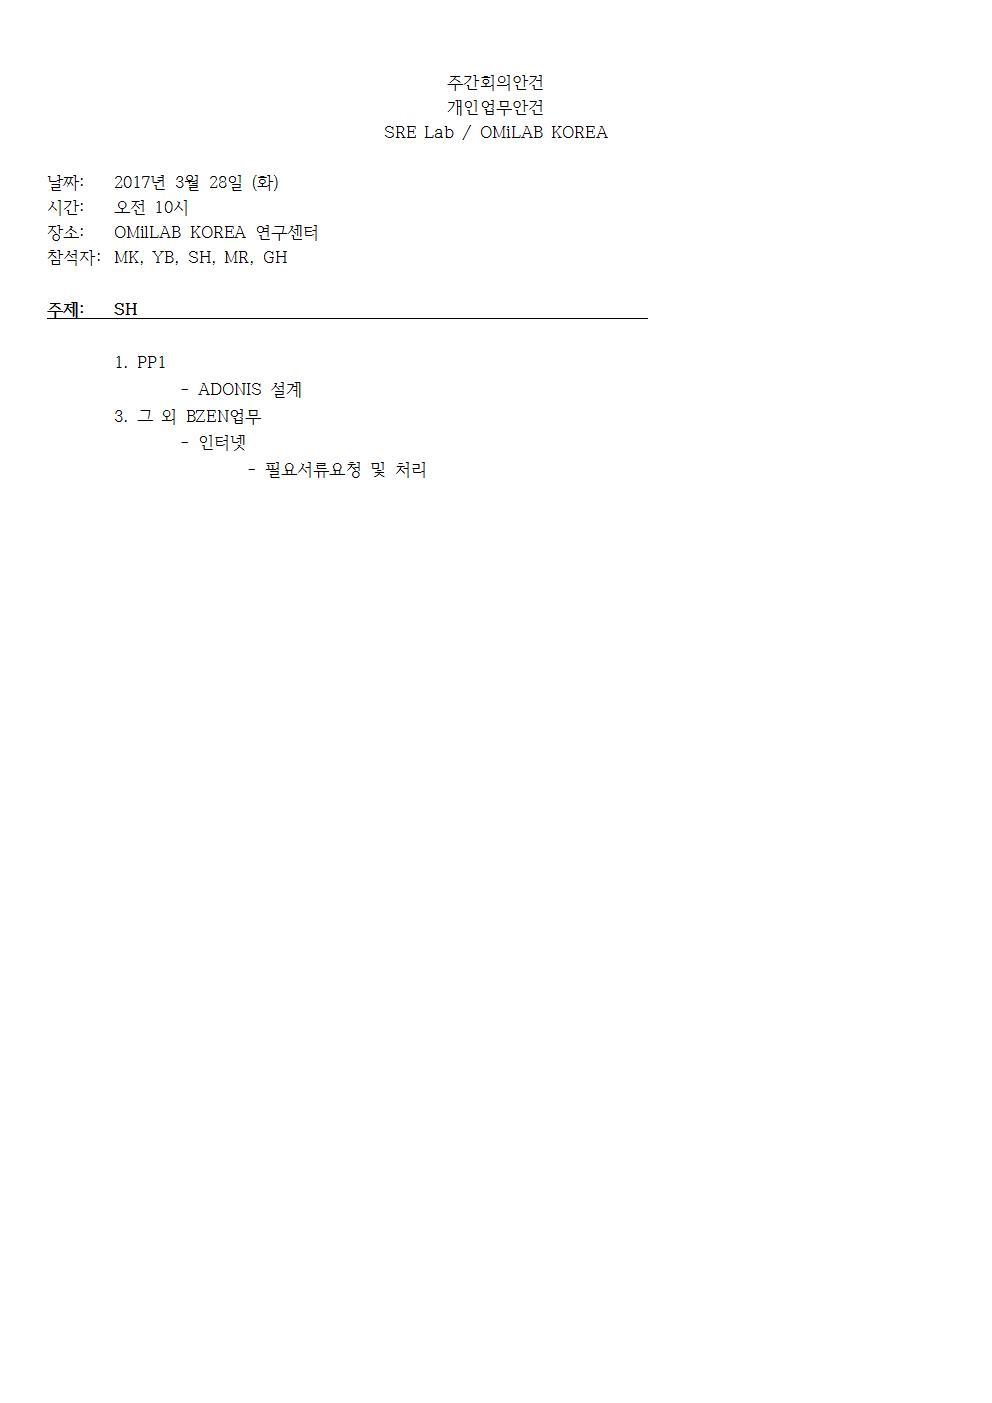 2-화-2017-03-28-PLAN(SH)001.jpg